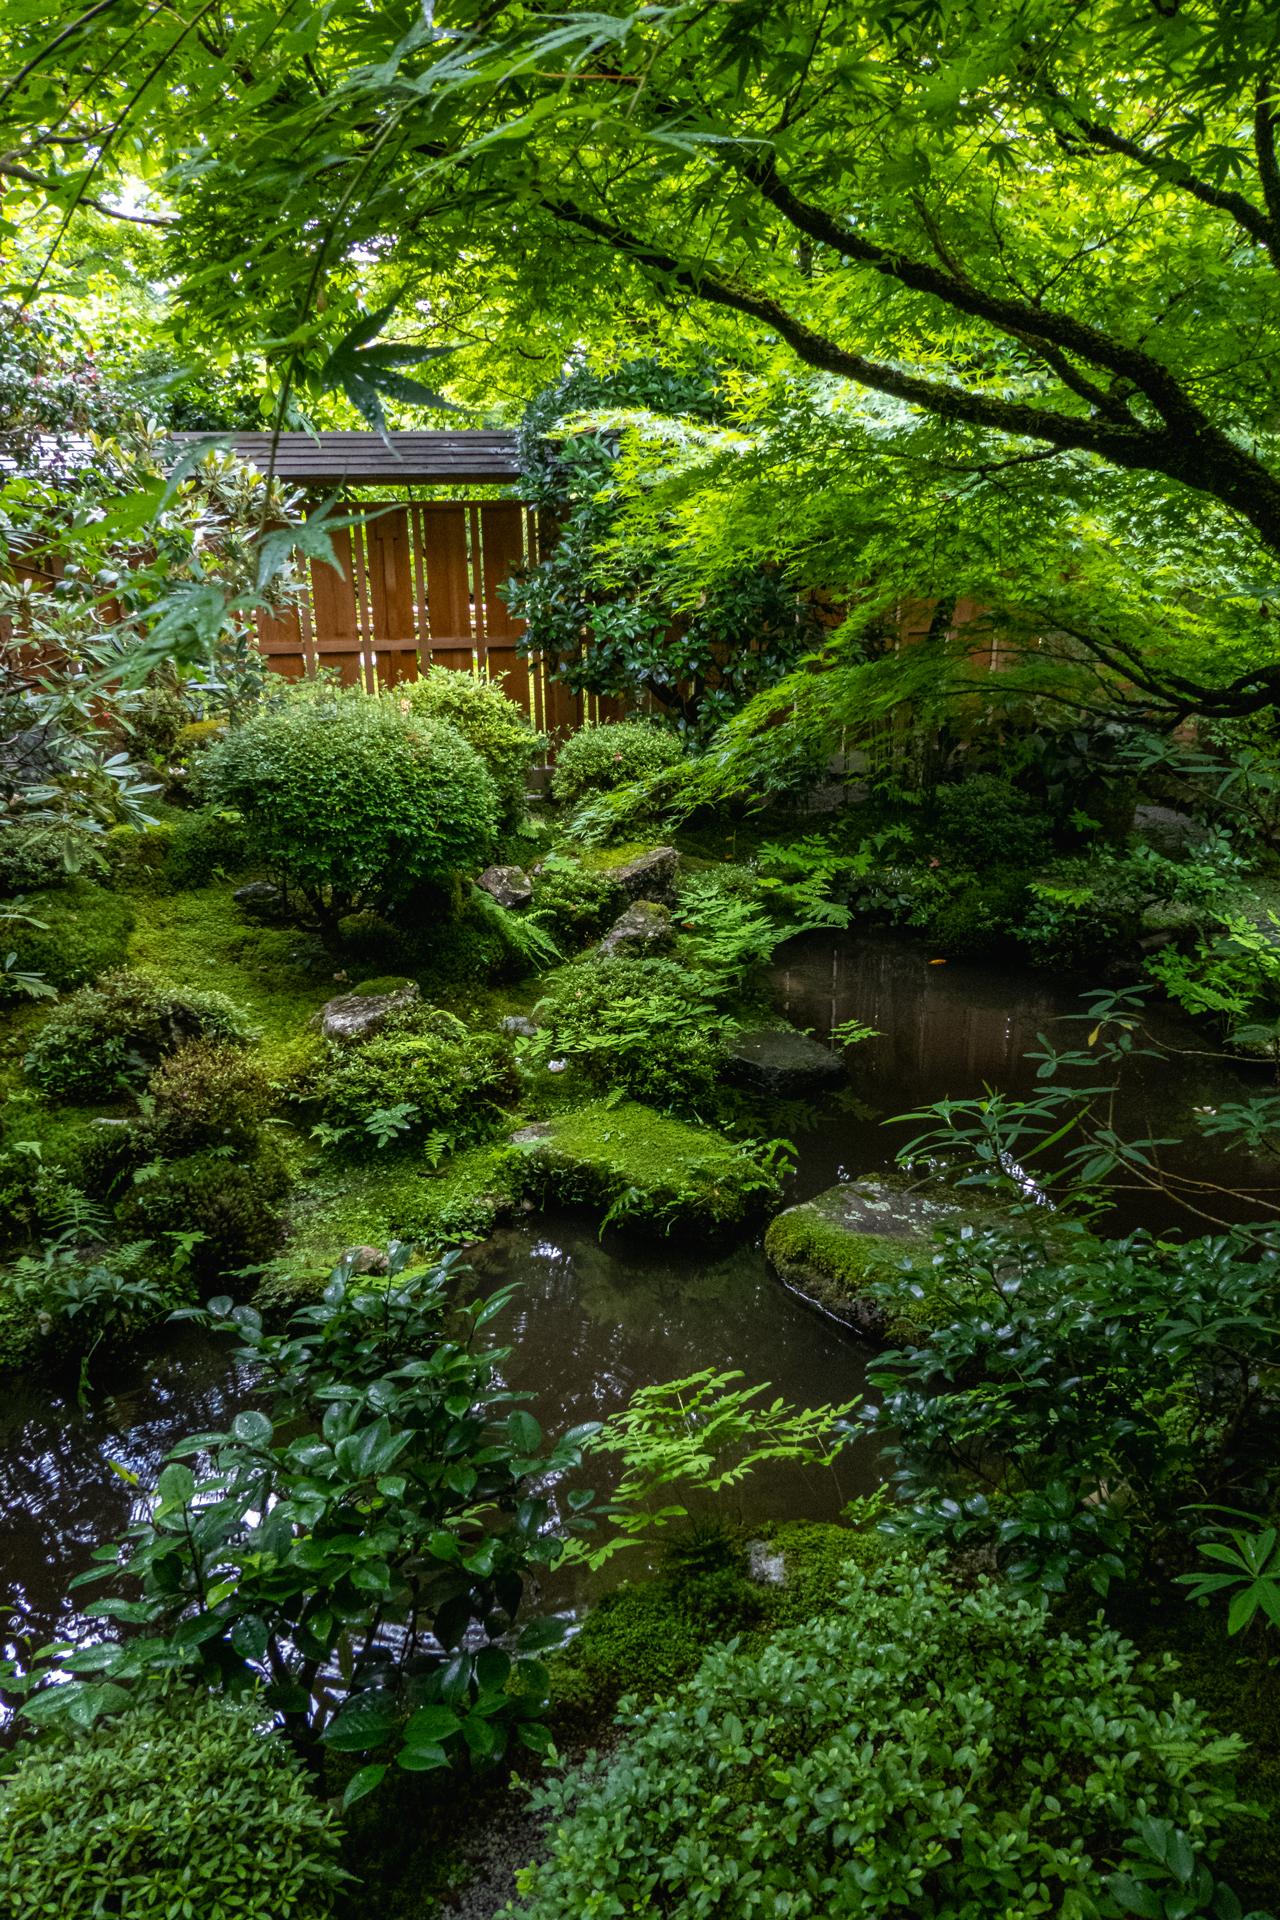 P1001625 京都府 宝泉院(額縁庭園と新緑の景色が美しい夏におすすめスポット!写真の紹介、アクセス情報など)